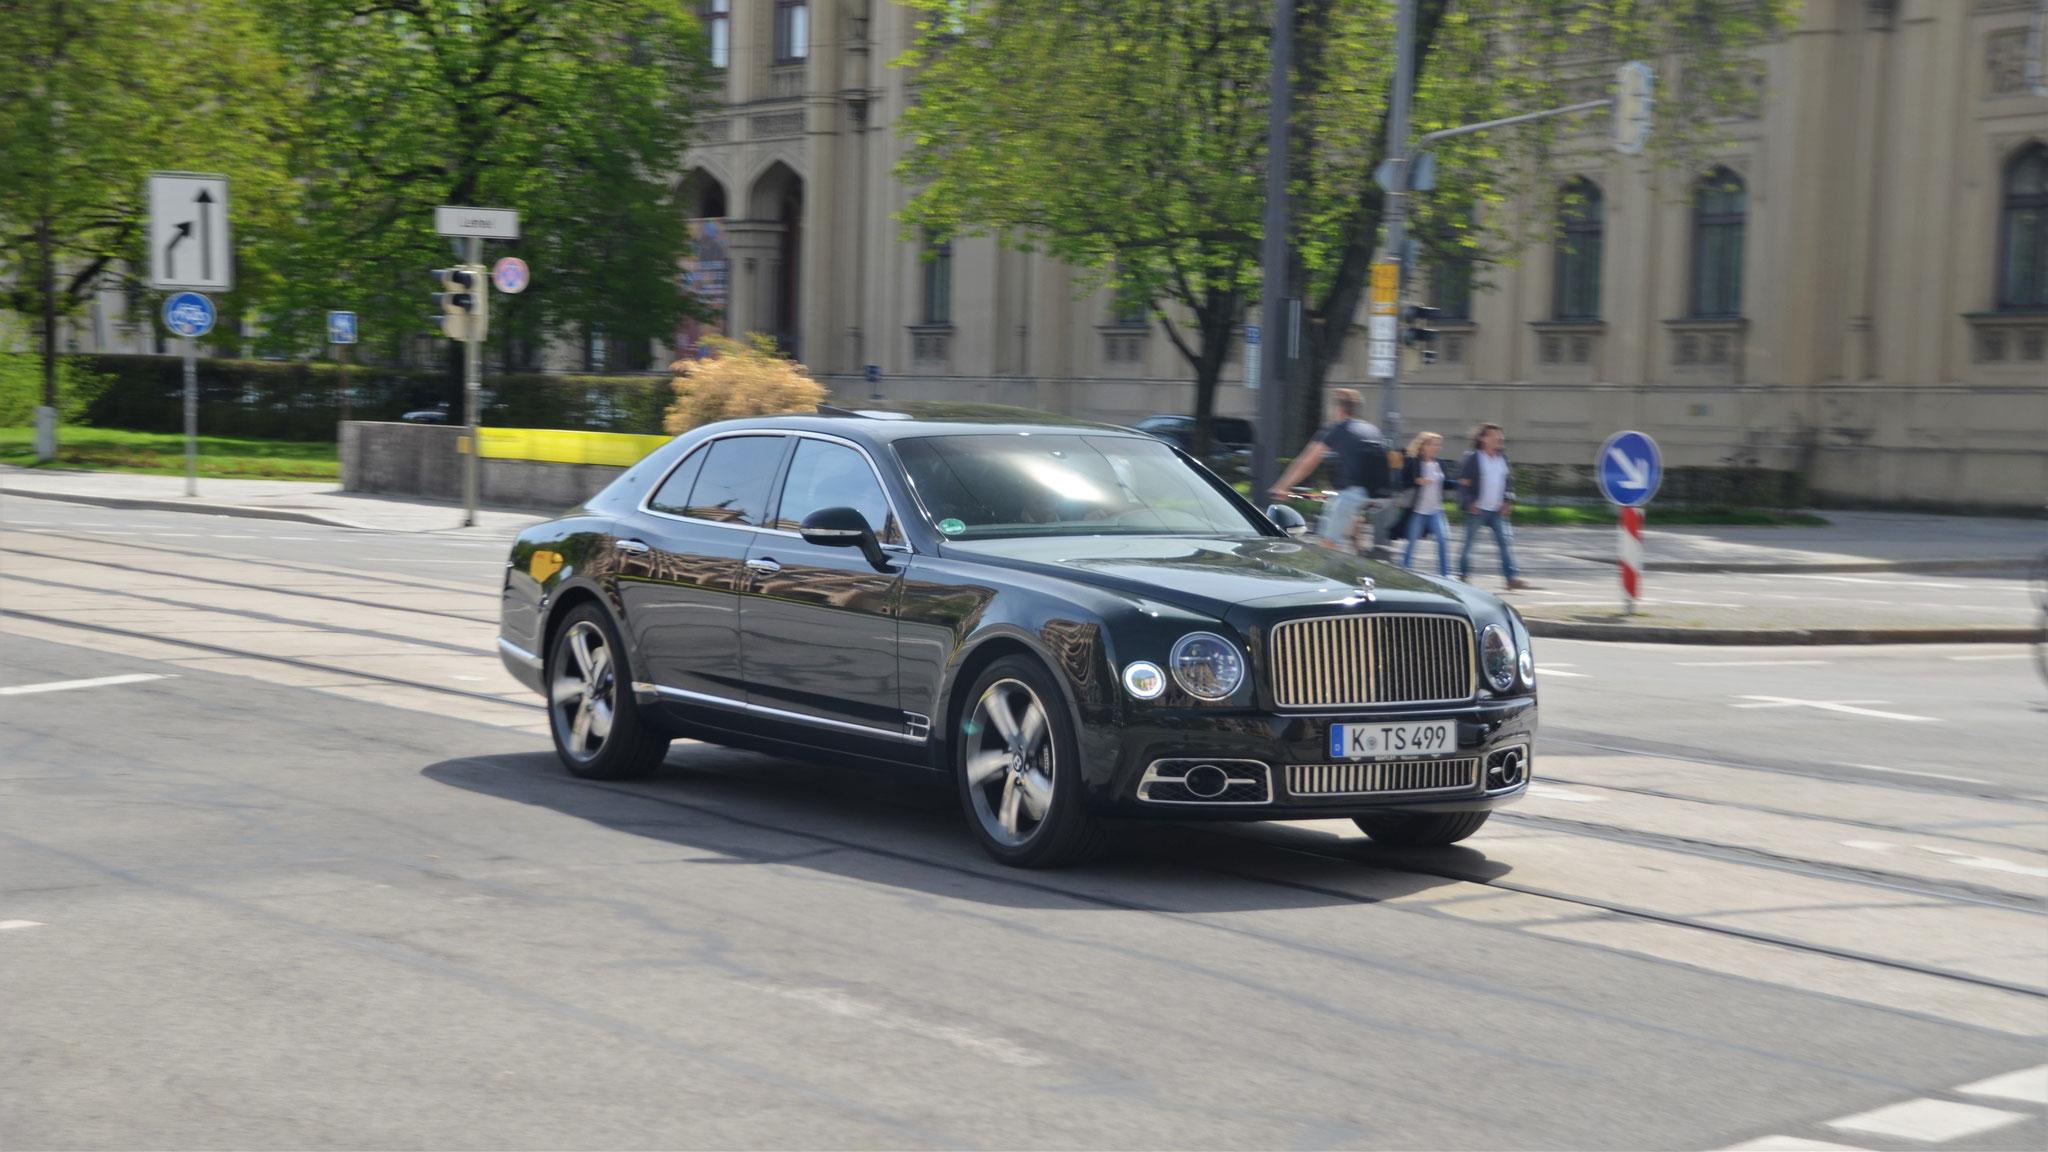 Bentley Mulsanne - K-TS-499